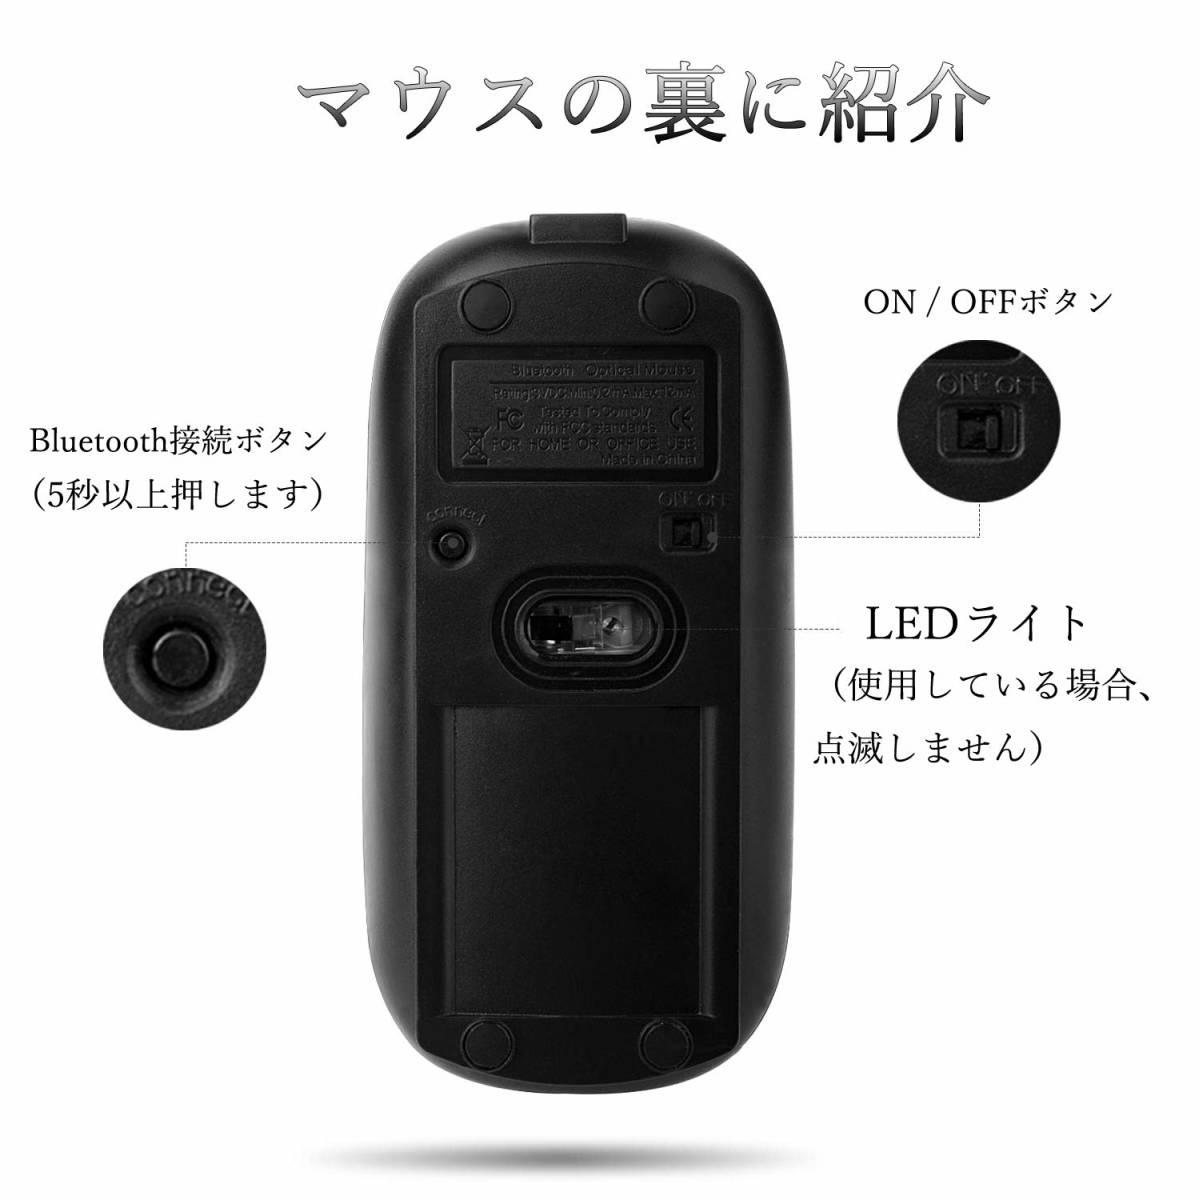 マウスワイヤレス 無線 マウス Bluetooth Windows 10 Mac 対応 マックブック_画像6